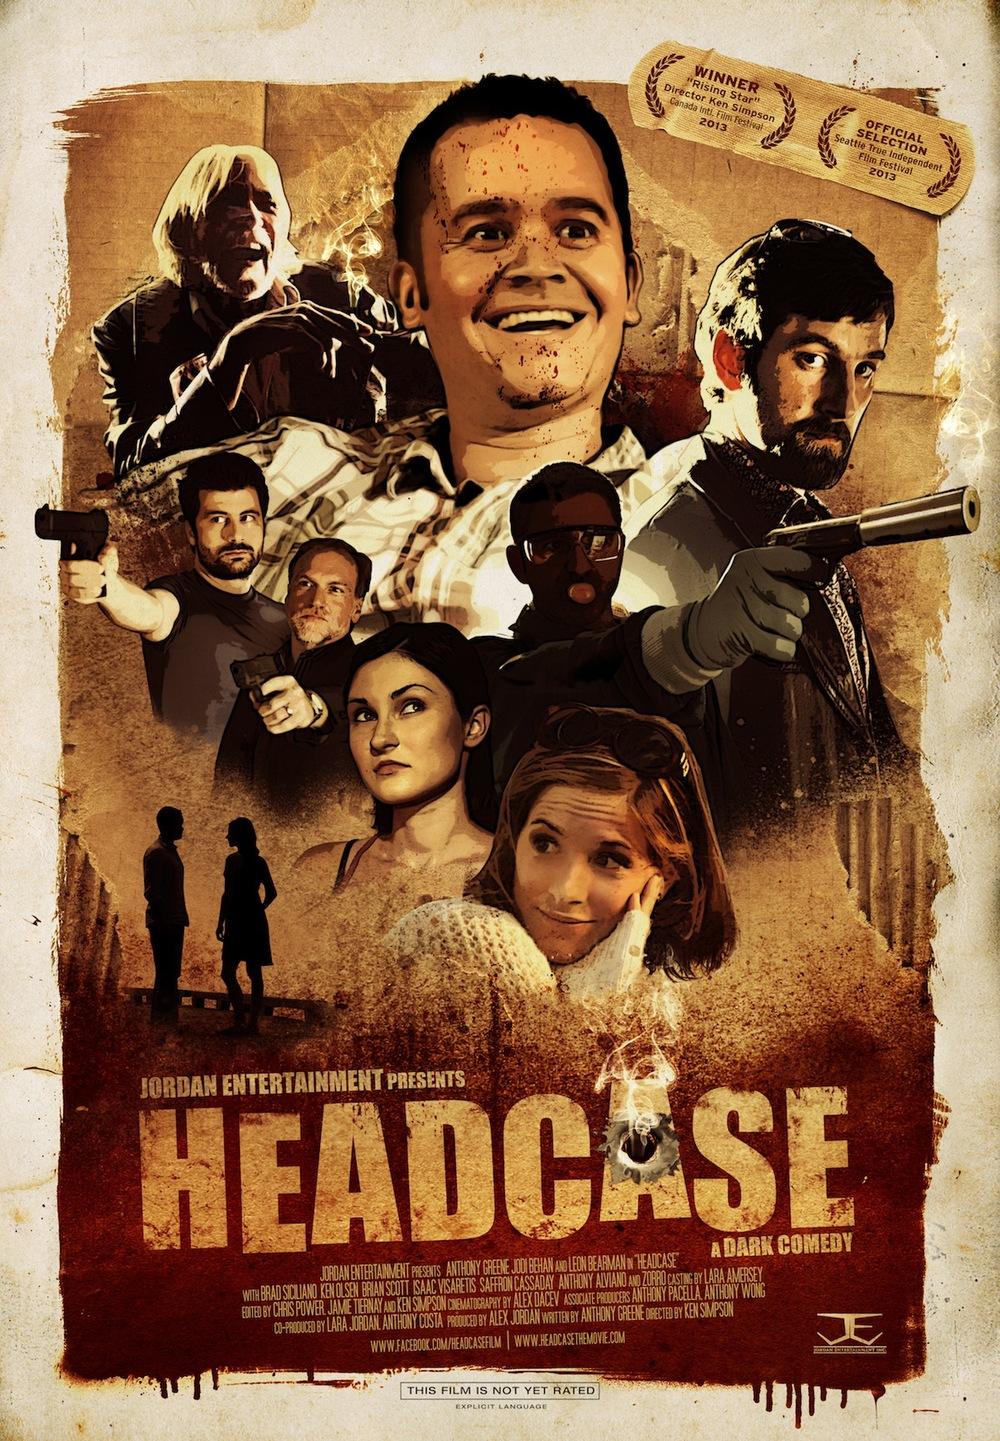 HEADCASE_Final_6x8.jpg